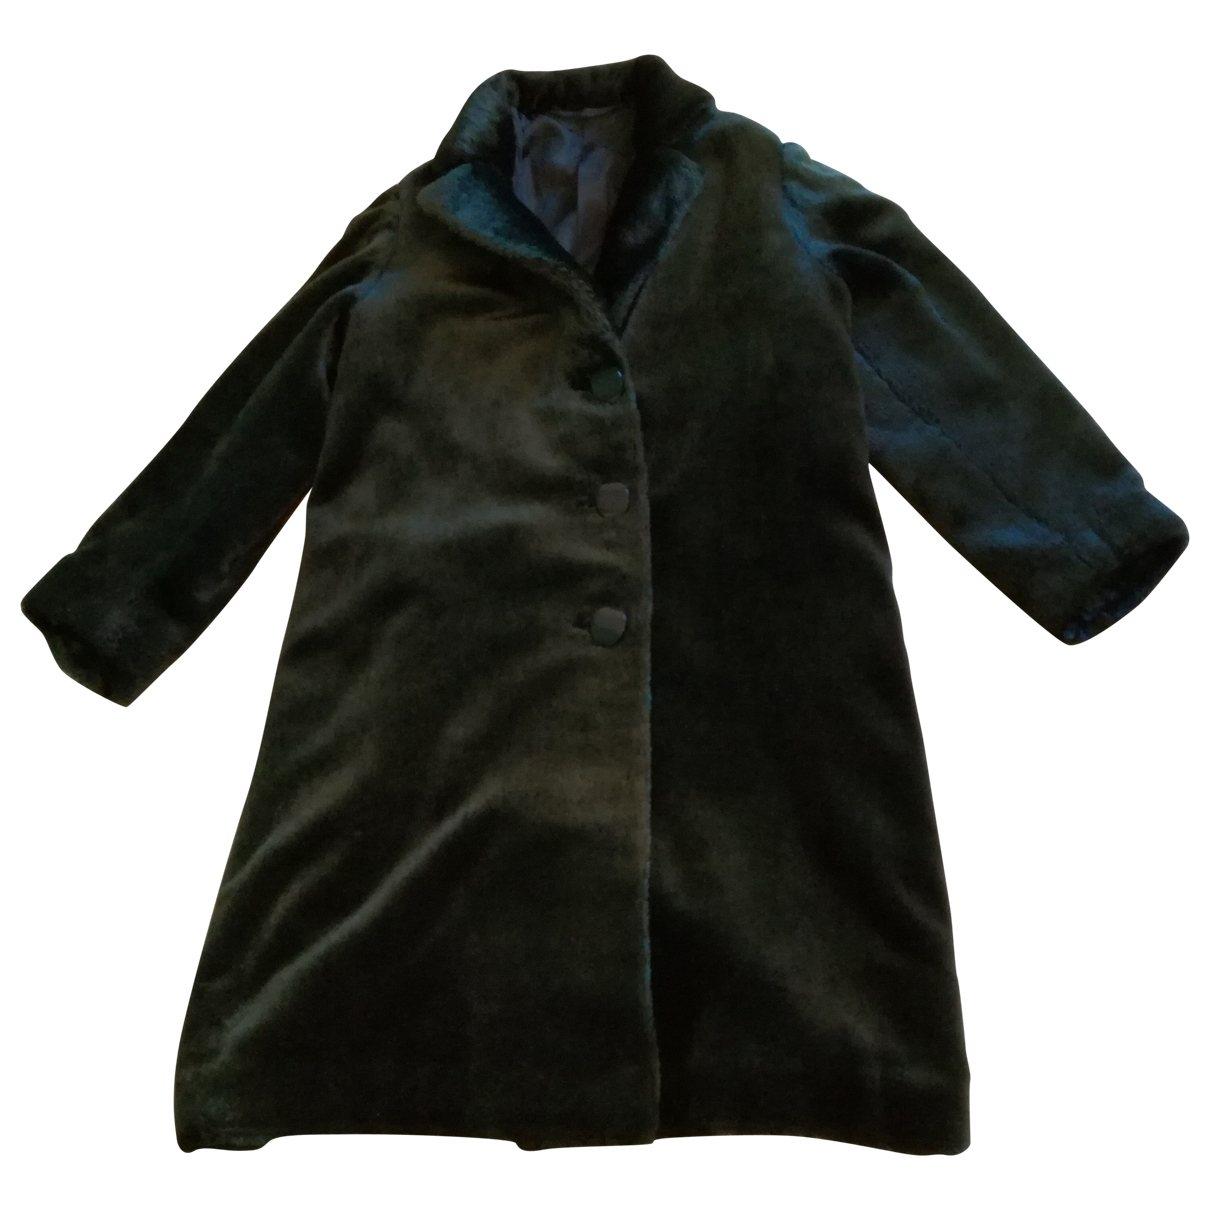 - Manteau Hippie Chic pour femme en fourrure synthetique - vert